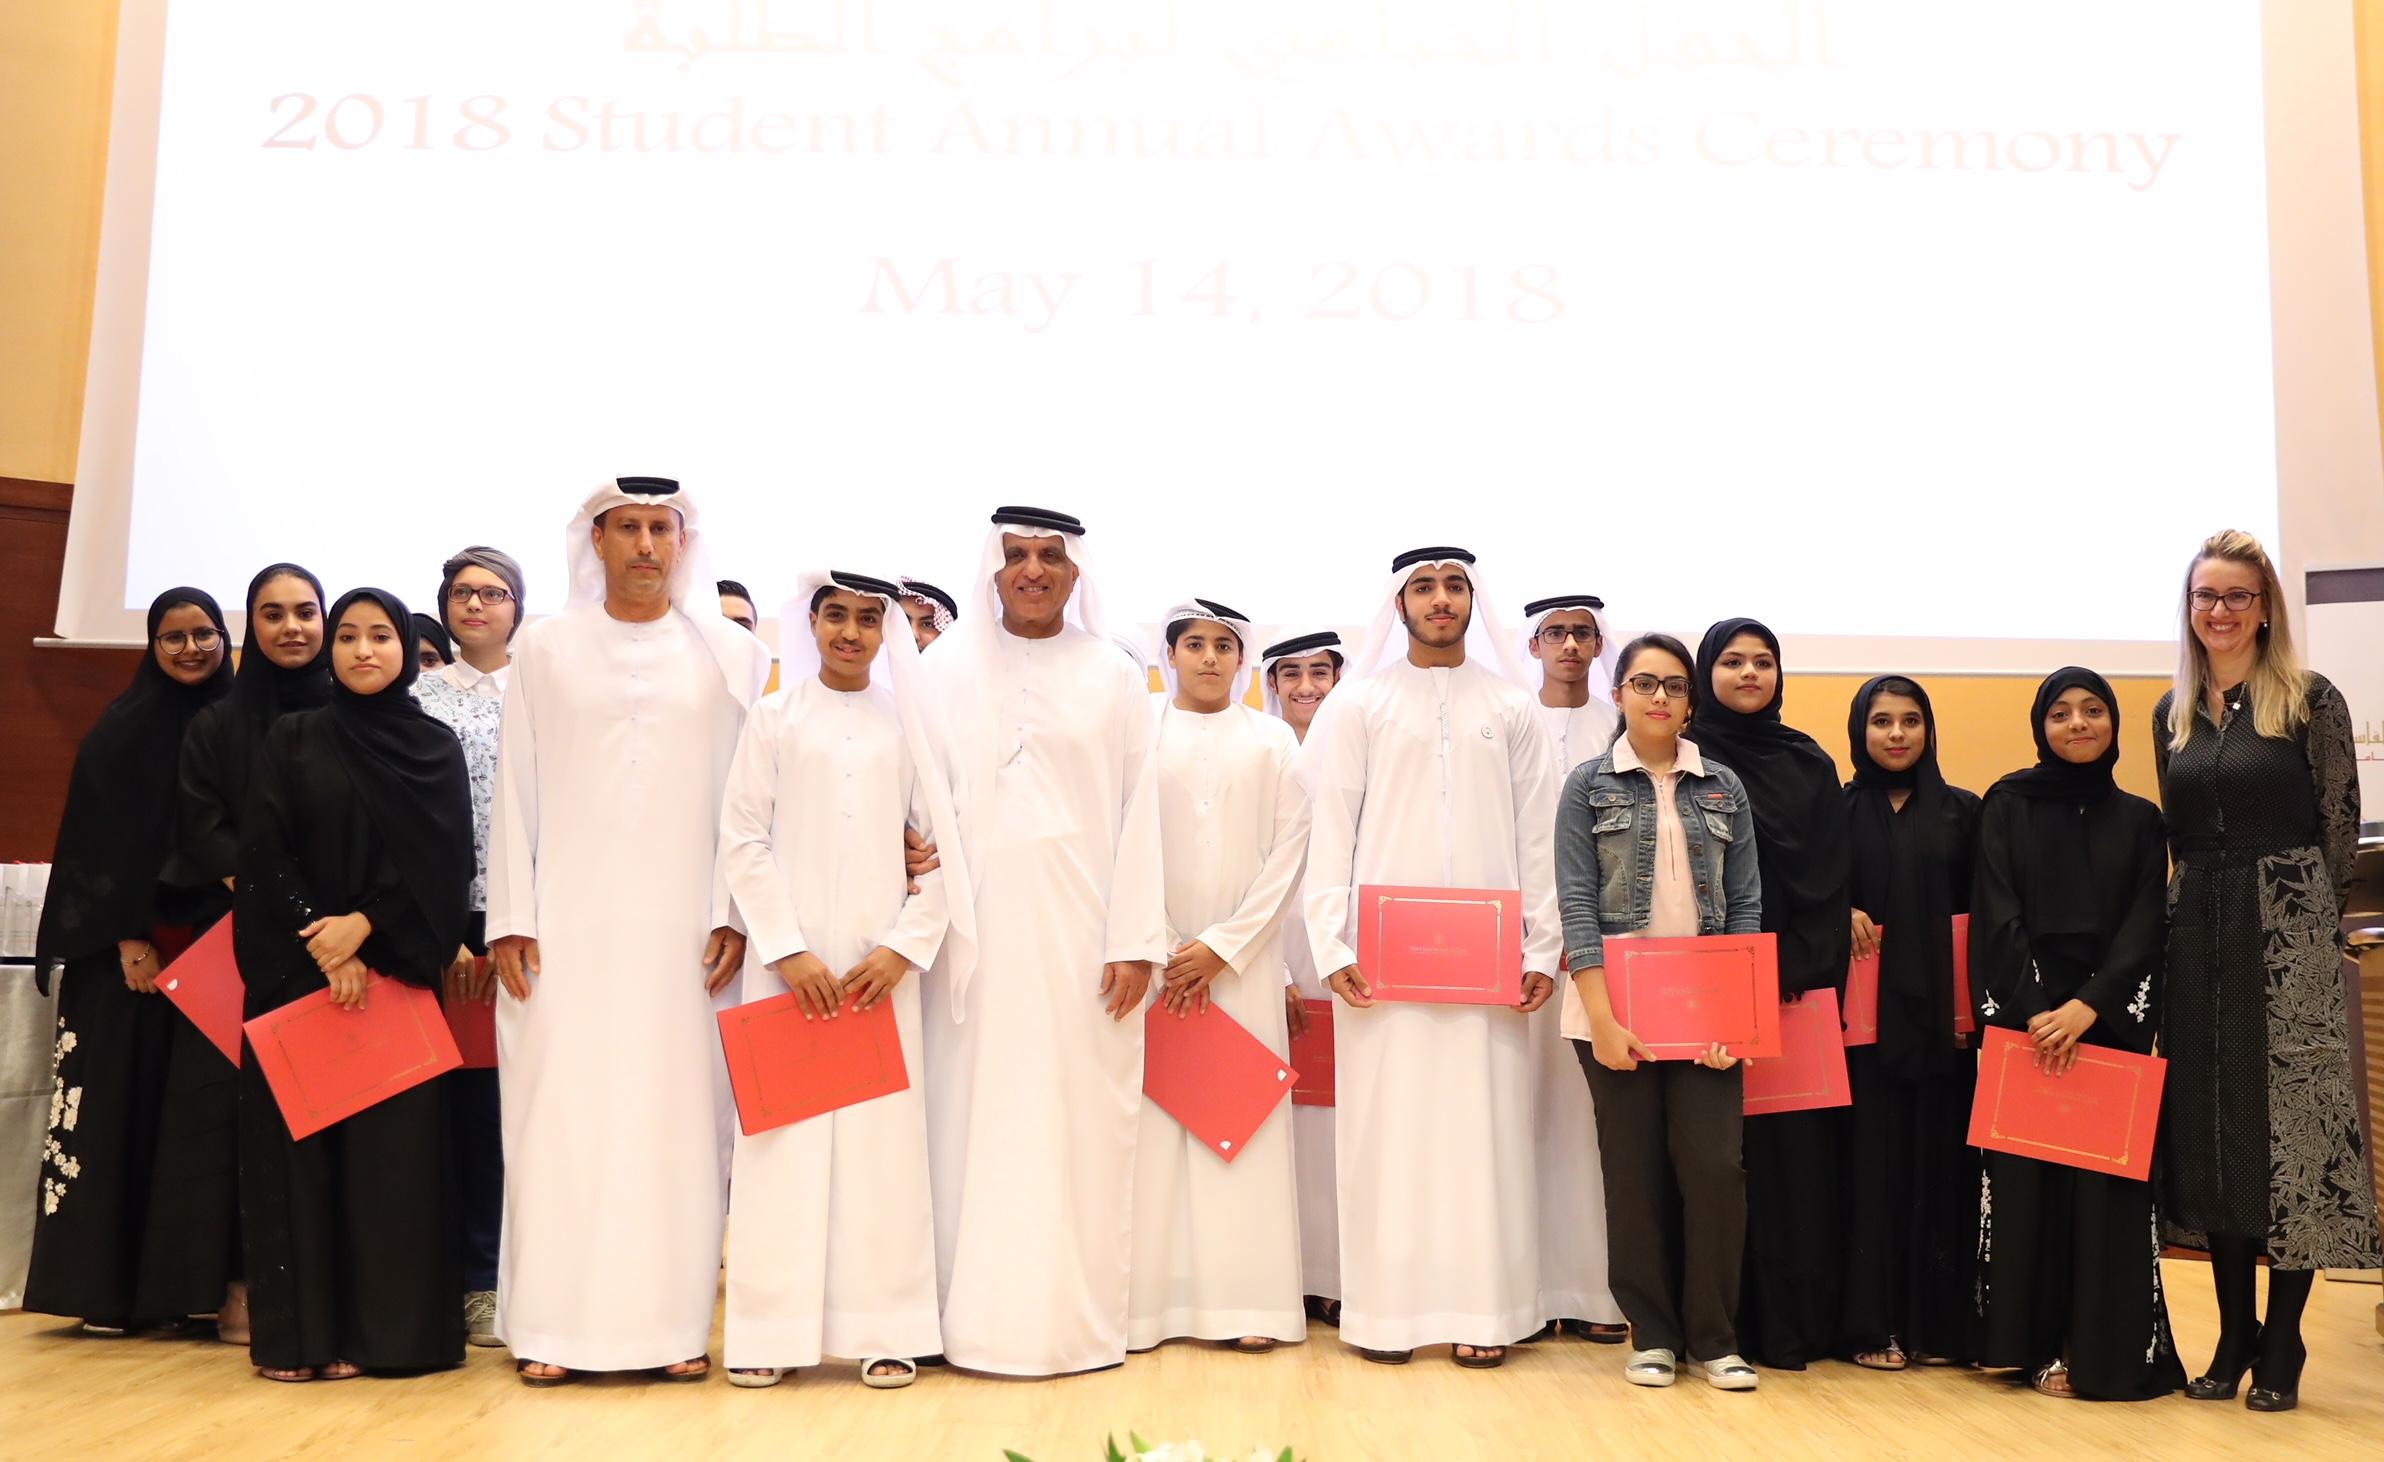 حاكم رأس الخيمة يكرم 70 طالبا وطالبة من برامج مؤسسة الشيخ سعود  بن صقر لبحوث السياسة العامة 2